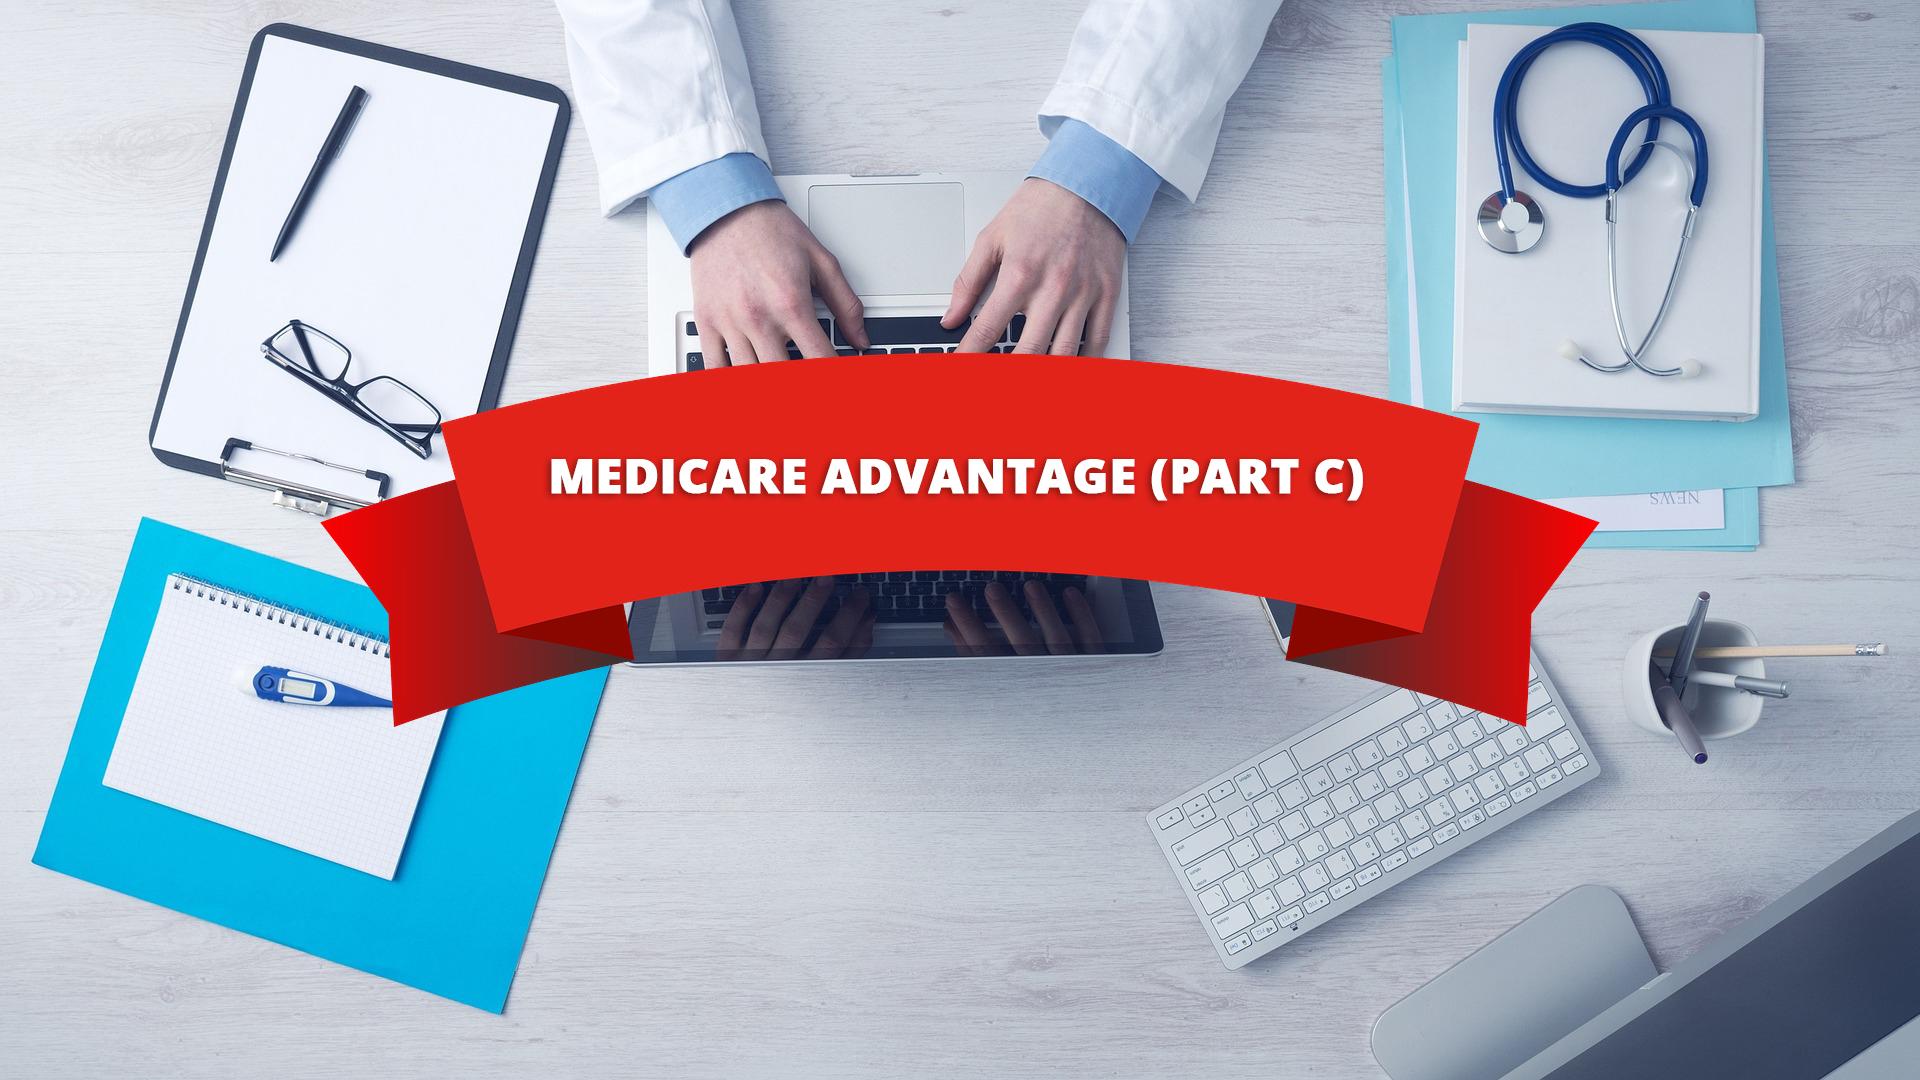 what is medicare advantage plan part c?